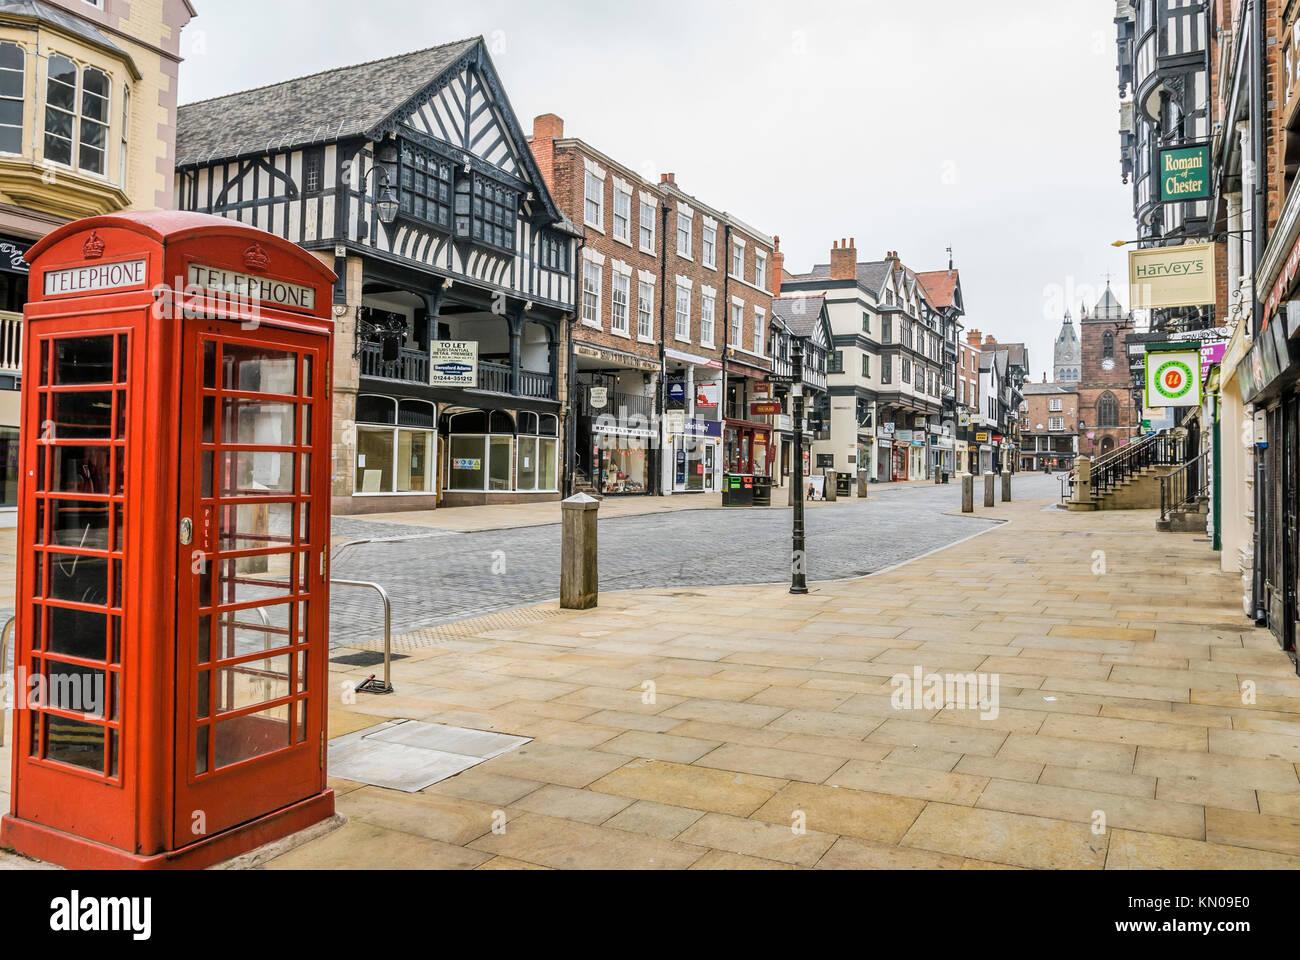 Typische rote Telefonzelle in Foregate Street in der Altstadt von Chester, Cheshire, North West England.   Typisch Stockbild